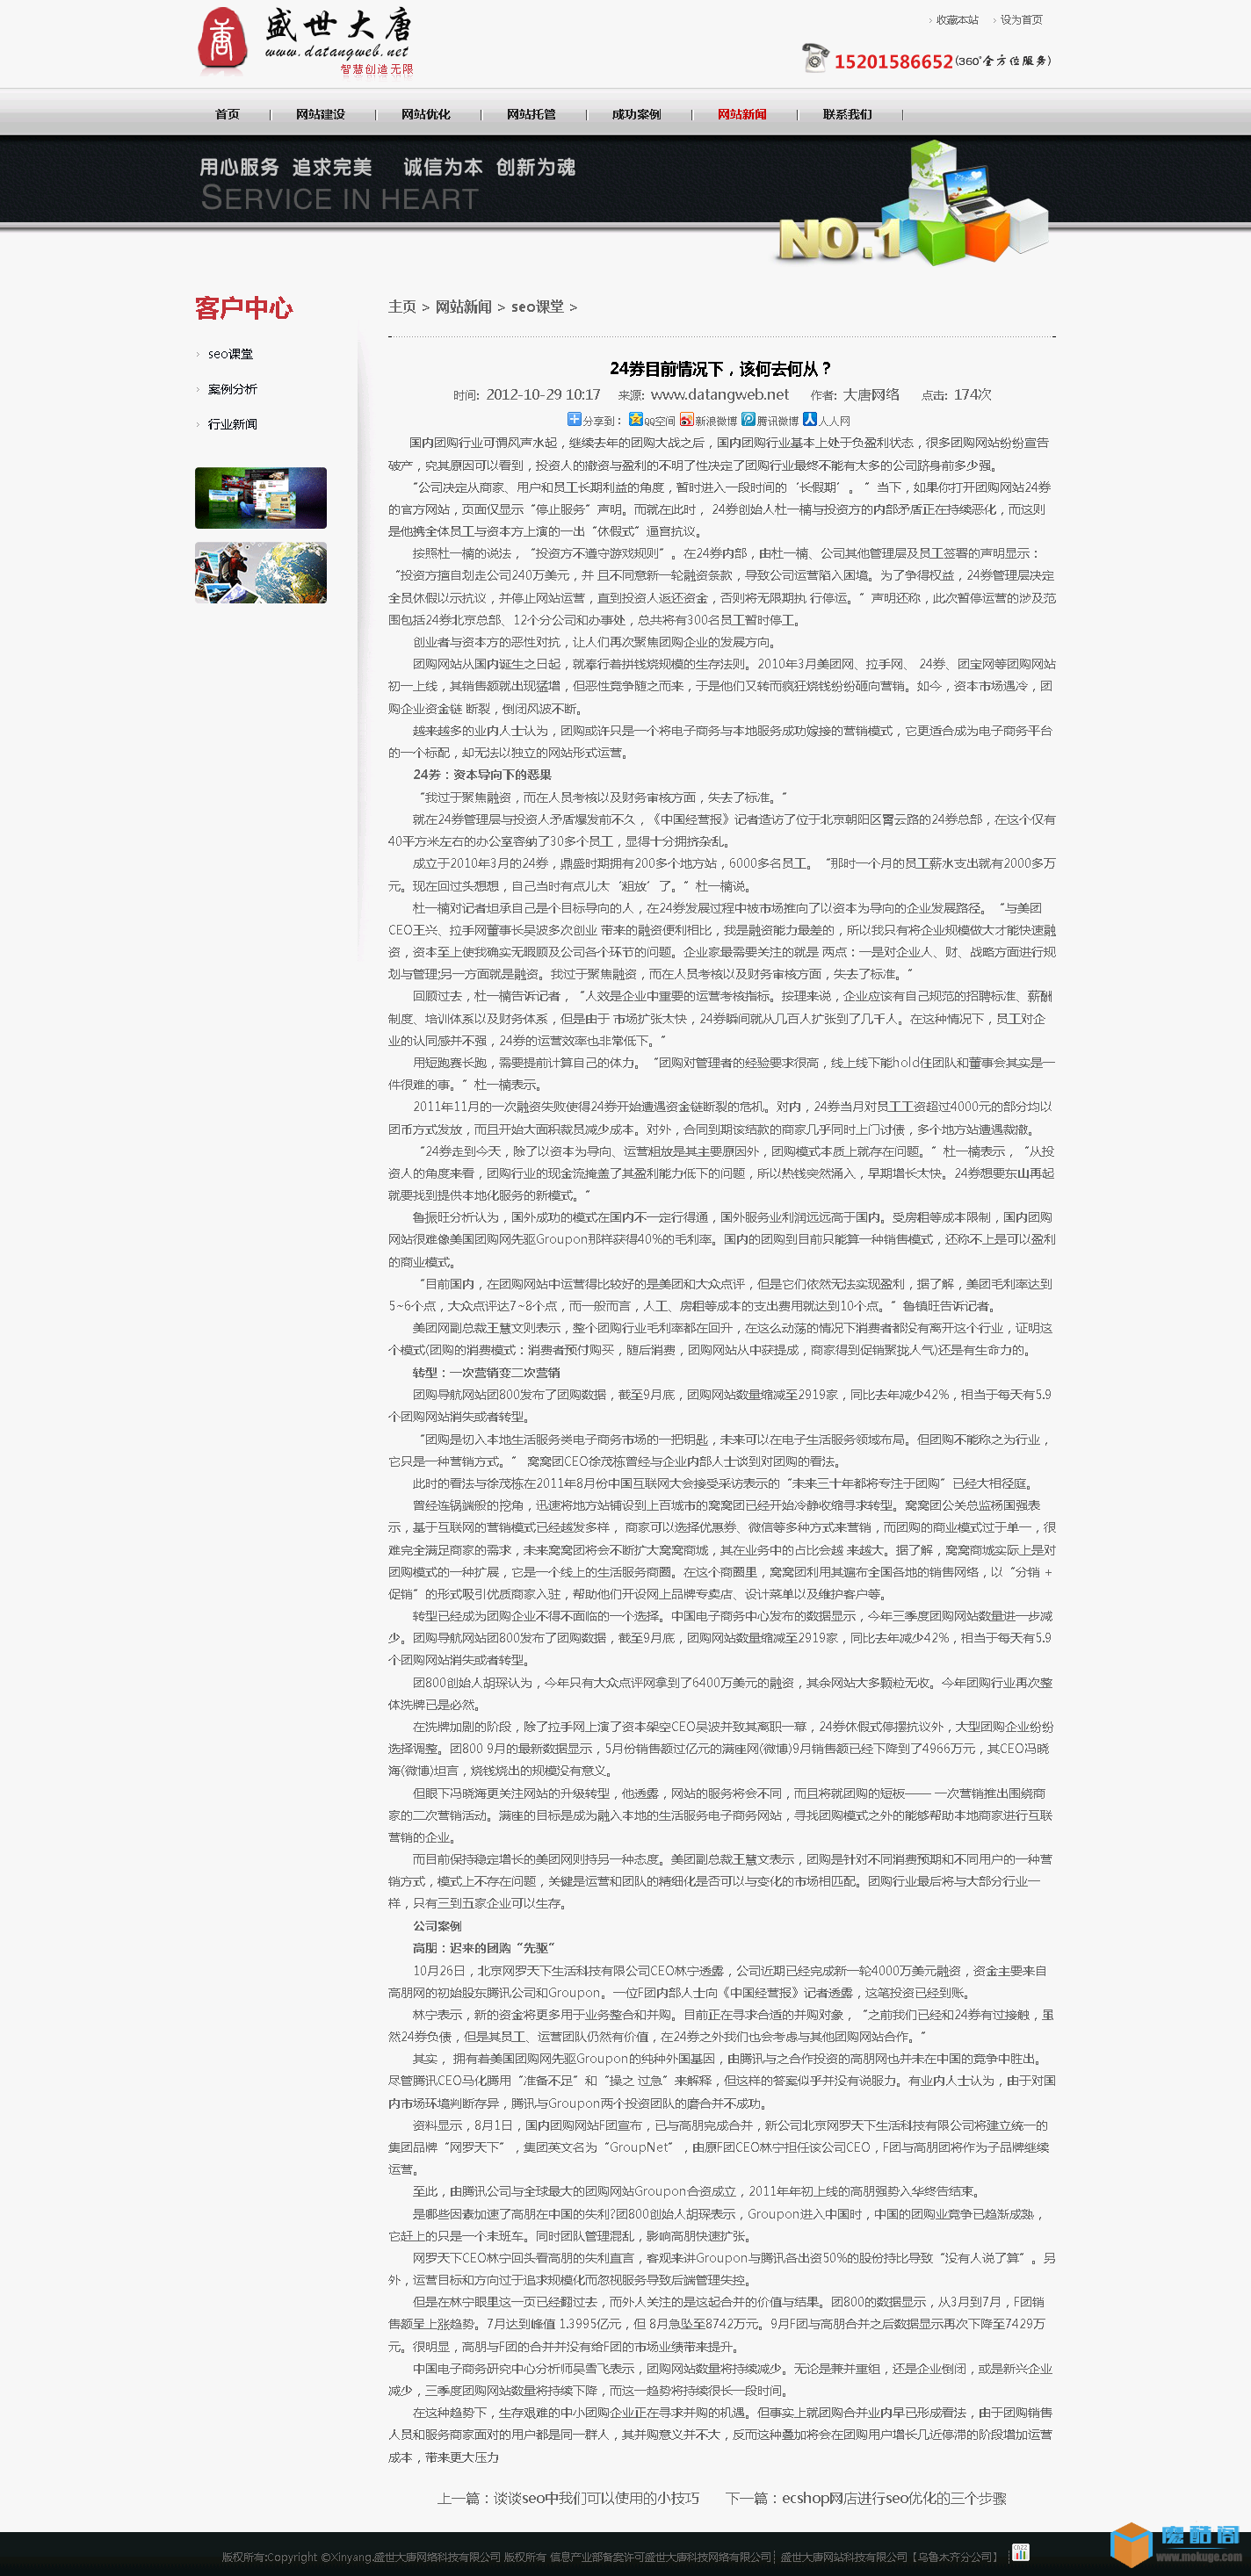 应用中心截屏_2012-11-29T02-43-54.959Z.png